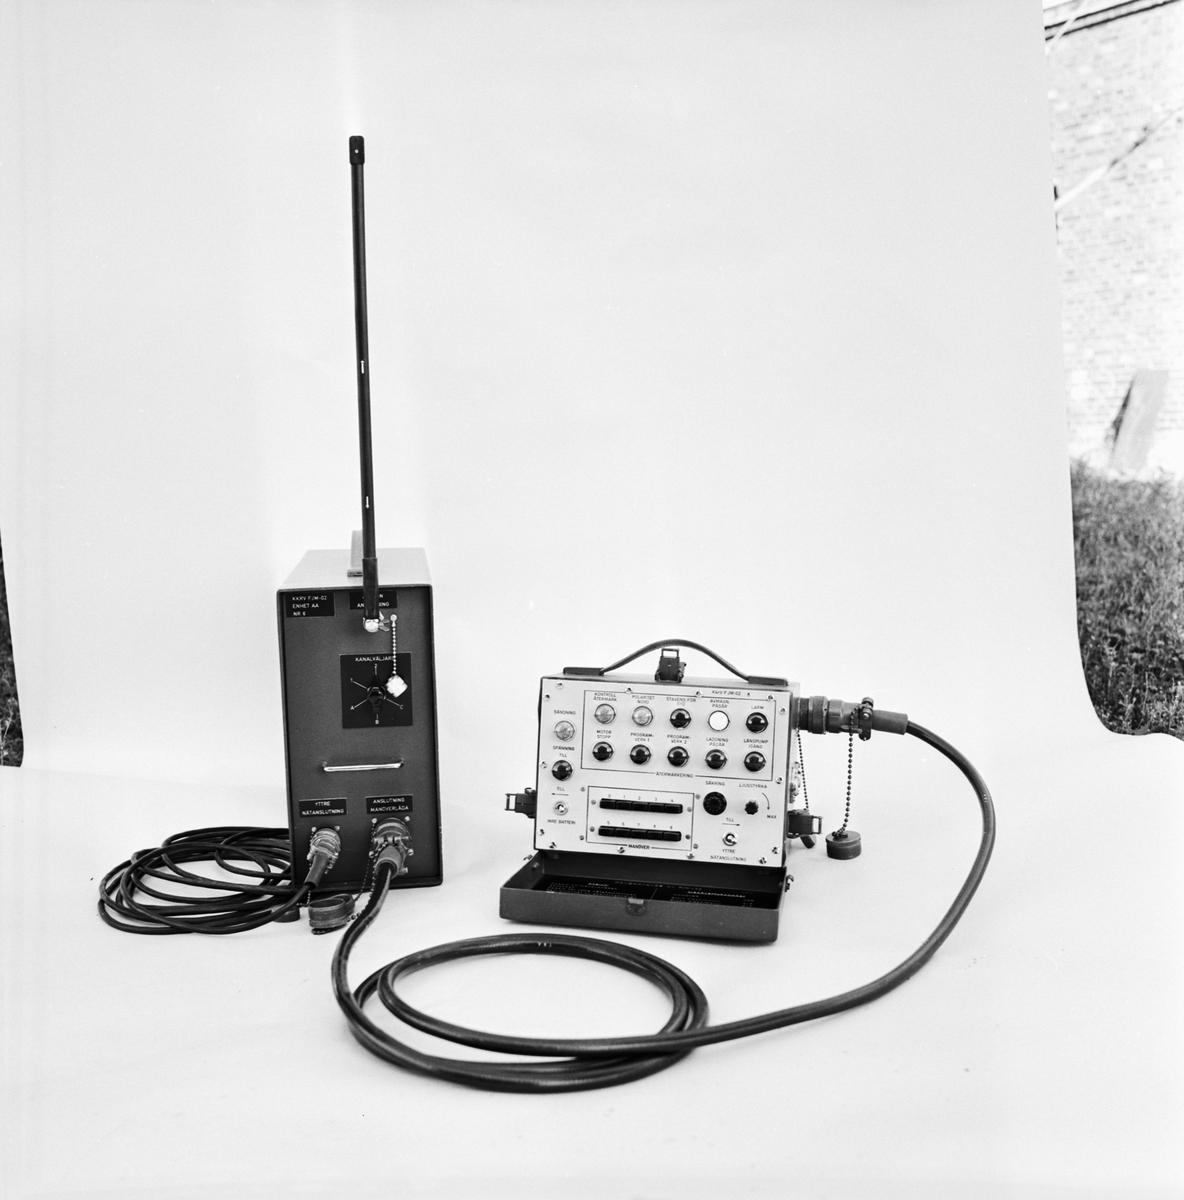 Övrigt: Foto datum: 29/9 1966 Byggnader och kranar Radioanläggning. Närmast identisk bild: V36740, ej skannad